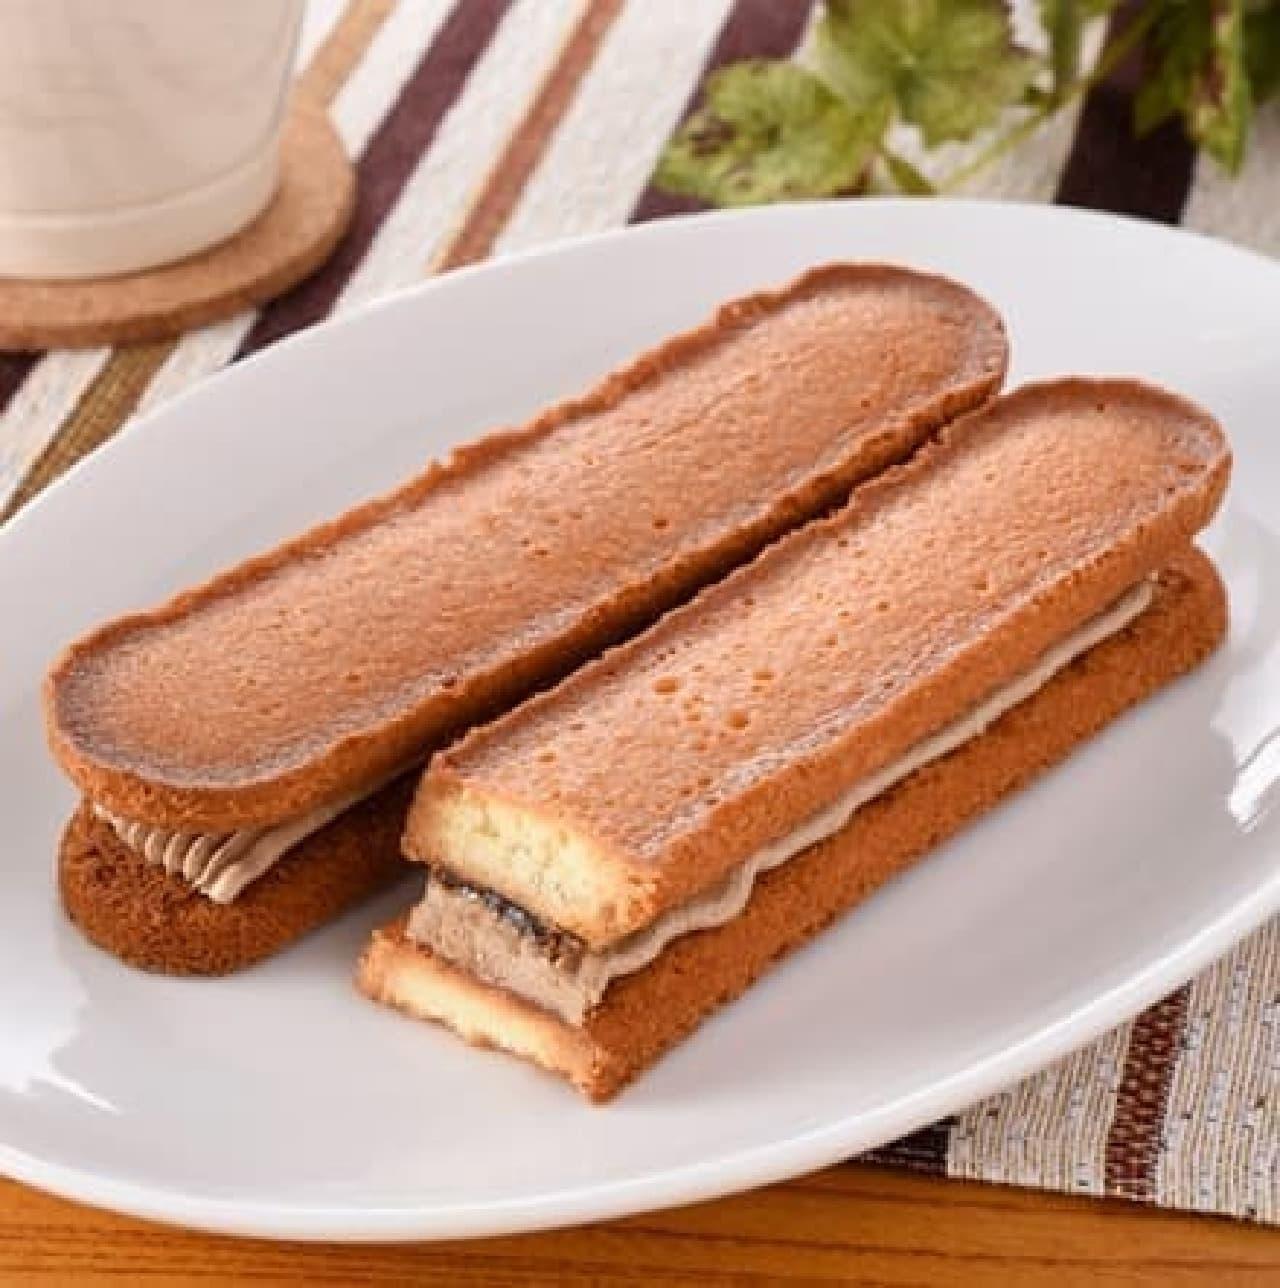 ファミリーマート「香ばしいクッキーのクリームサンド(コーヒー)」